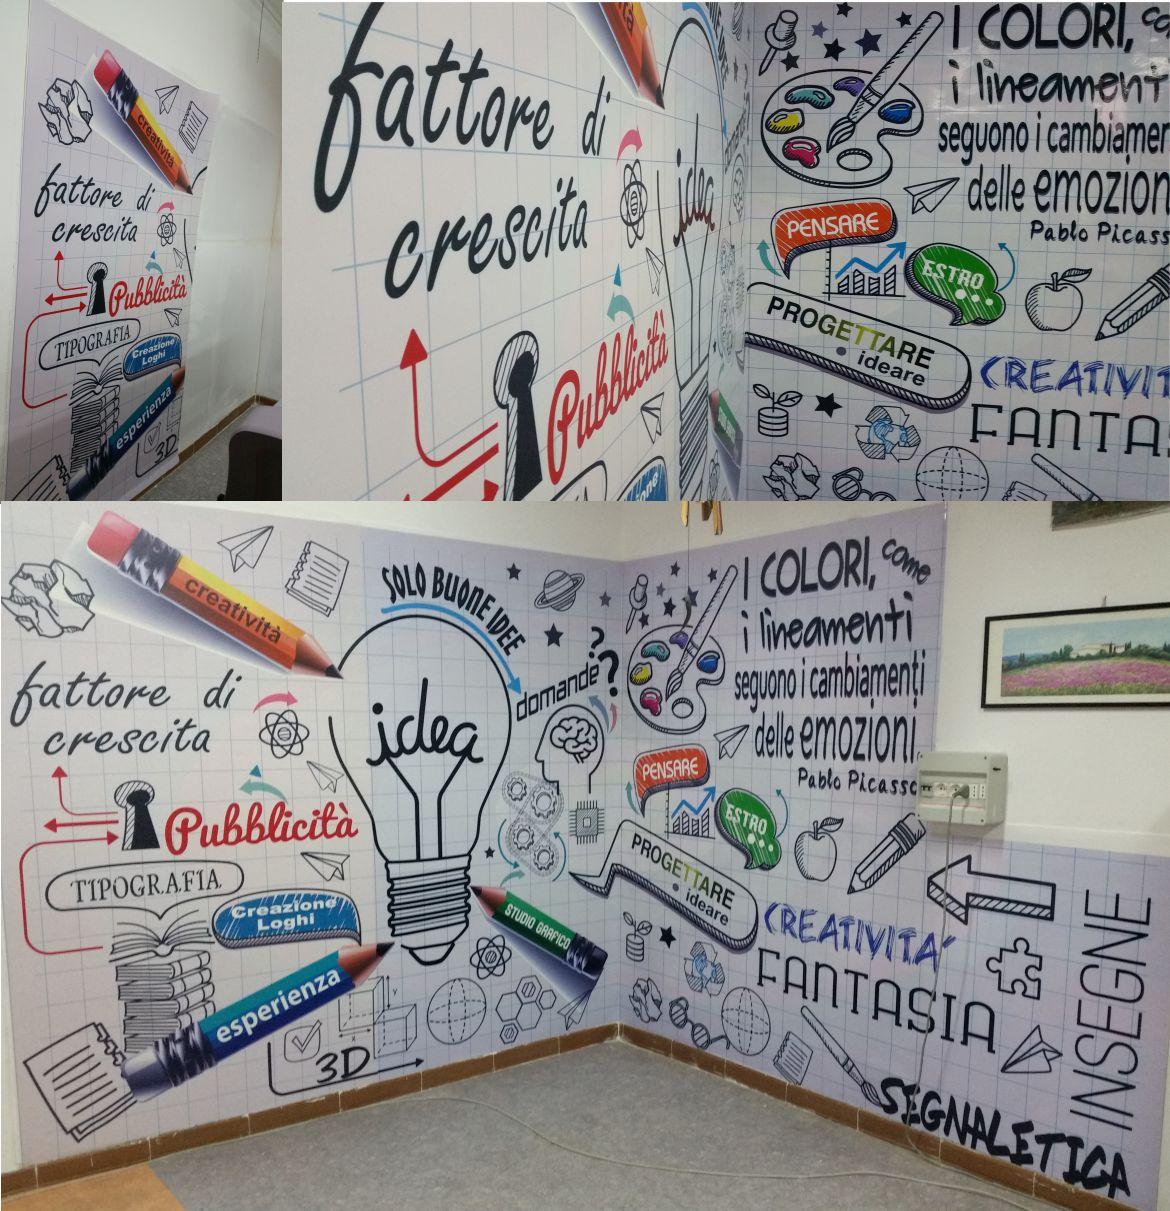 adesivi personalizzati, stickers customized, carta da parati applicata su muro